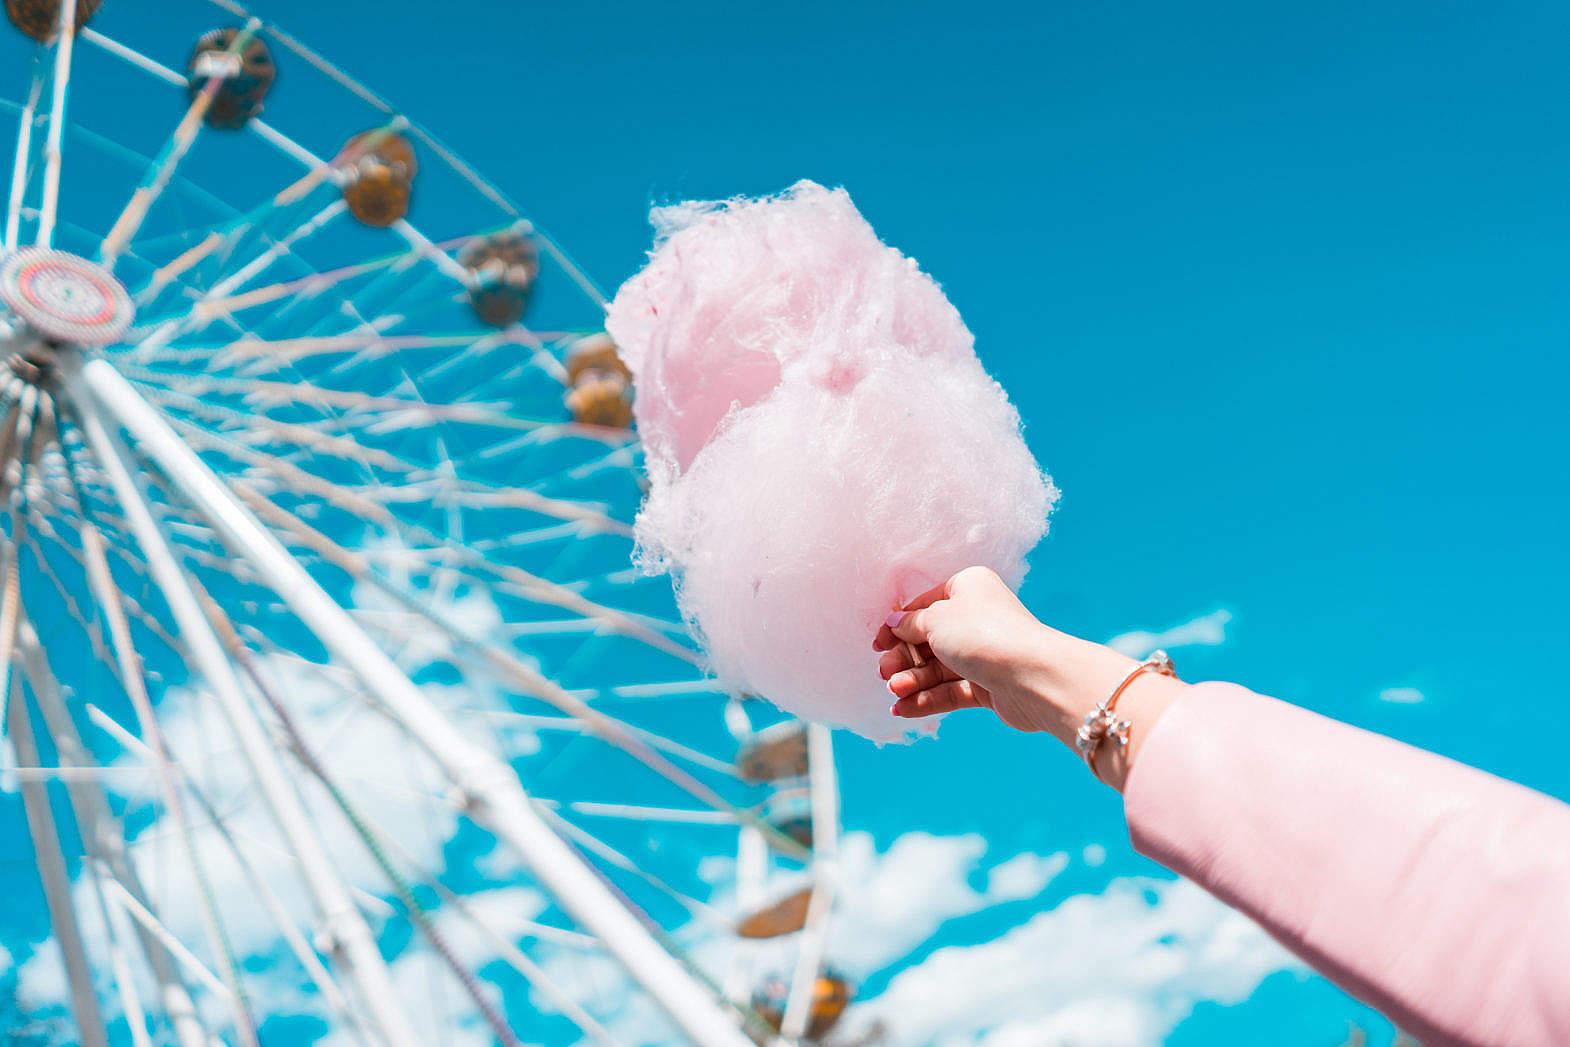 游乐园 ,棉花糖, 手, 举 ,摩天轮, 蓝天 ,玩乐 餐饮-第1张